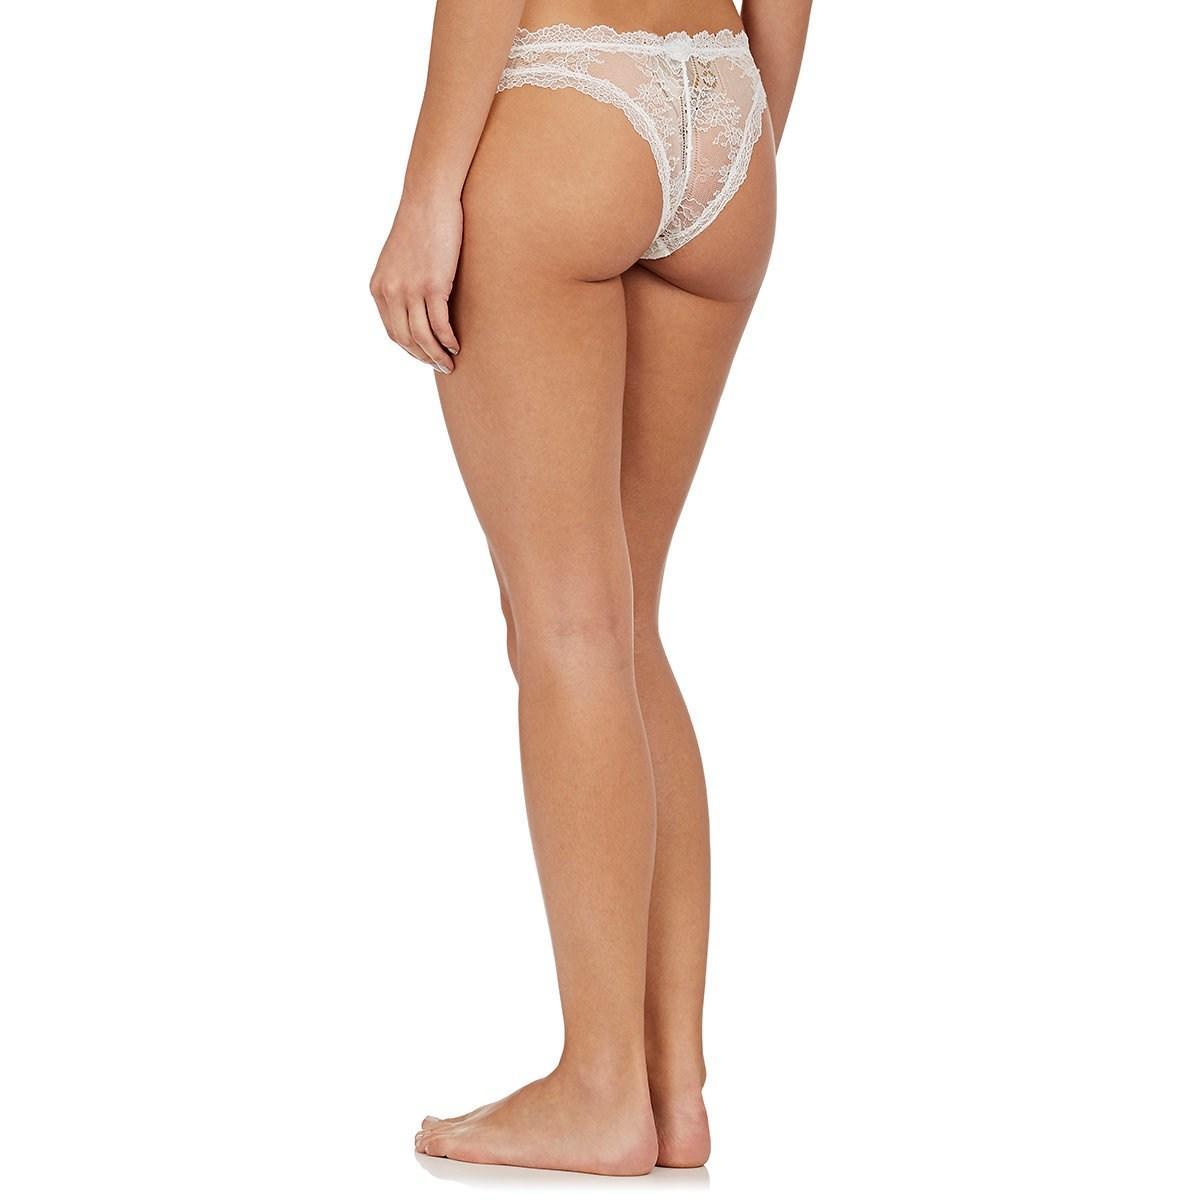 a49c82943152bb La Perla - White Lace Frills Brazilian Bikini Briefs - Lyst. View fullscreen